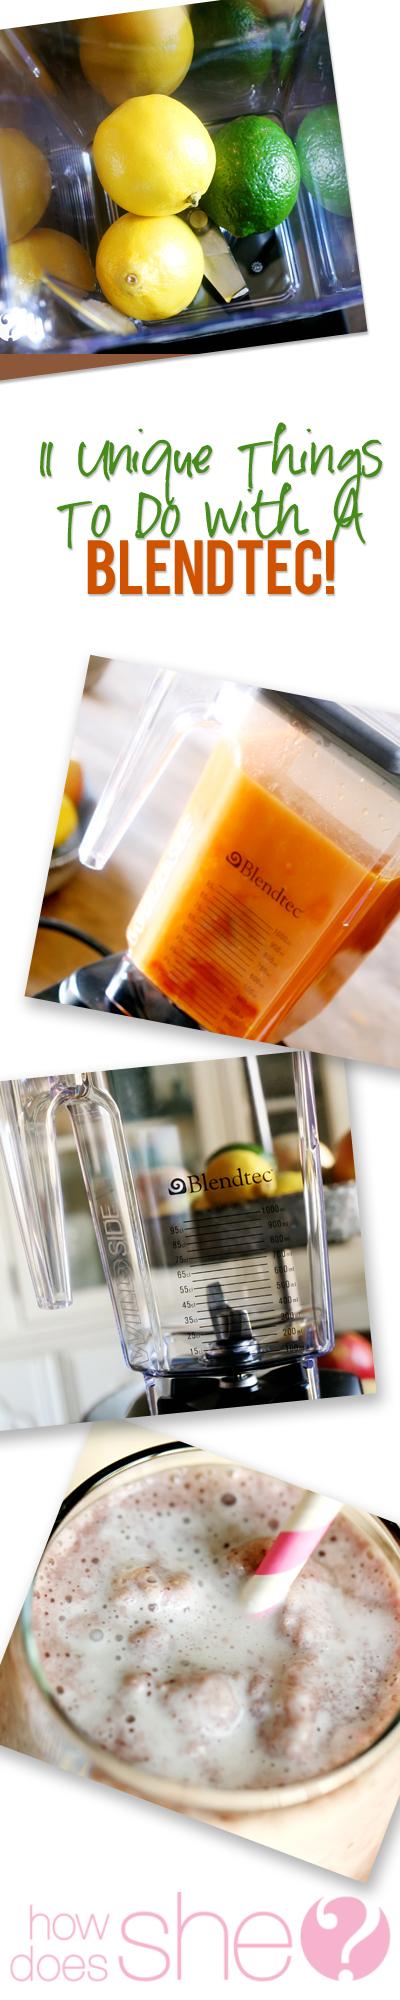 blendtec collage